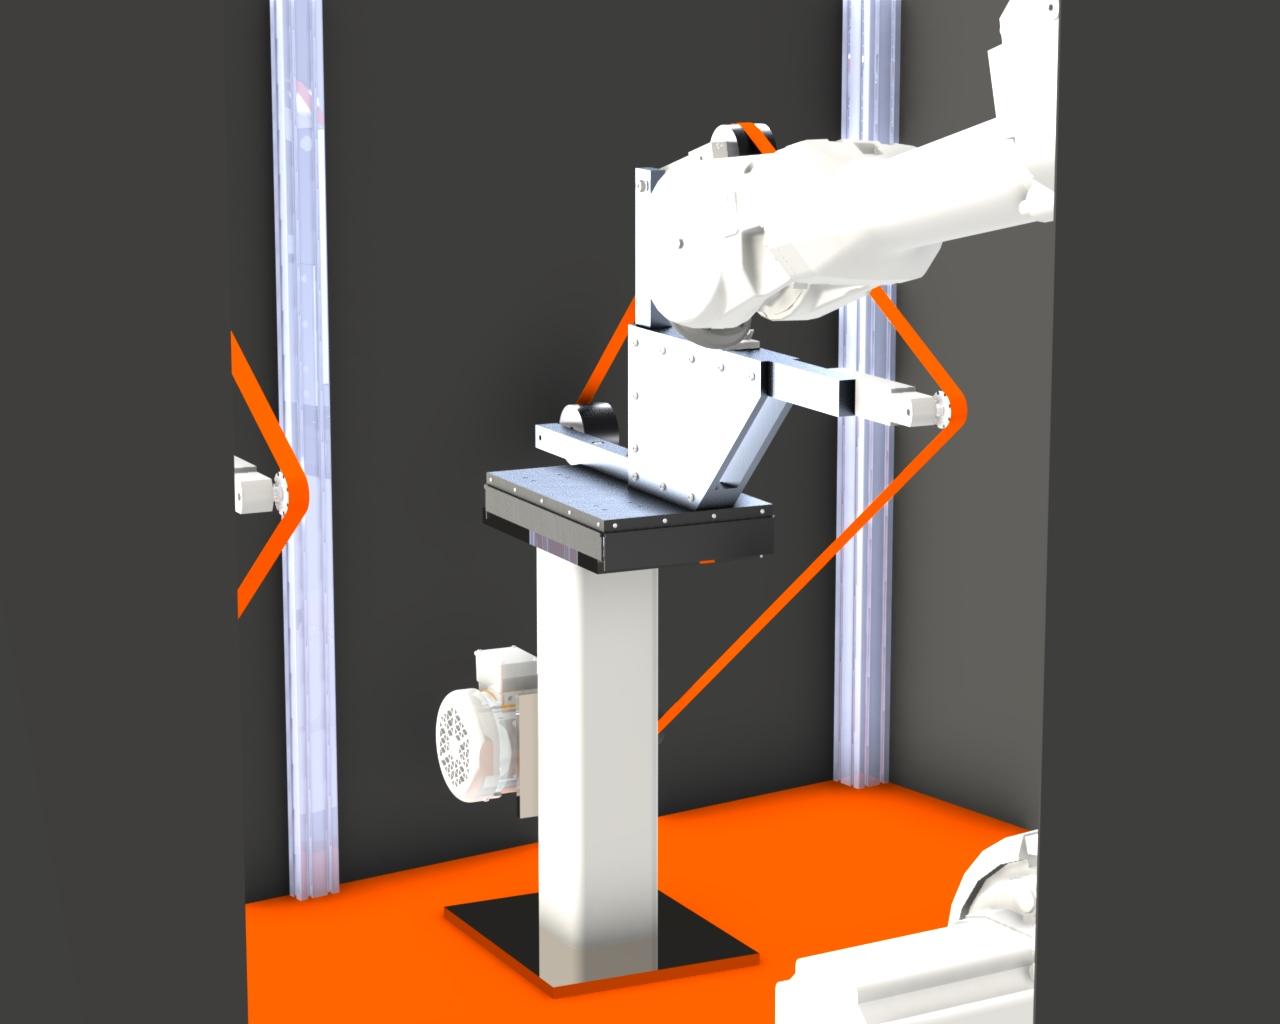 rendering for machines 9.jpg